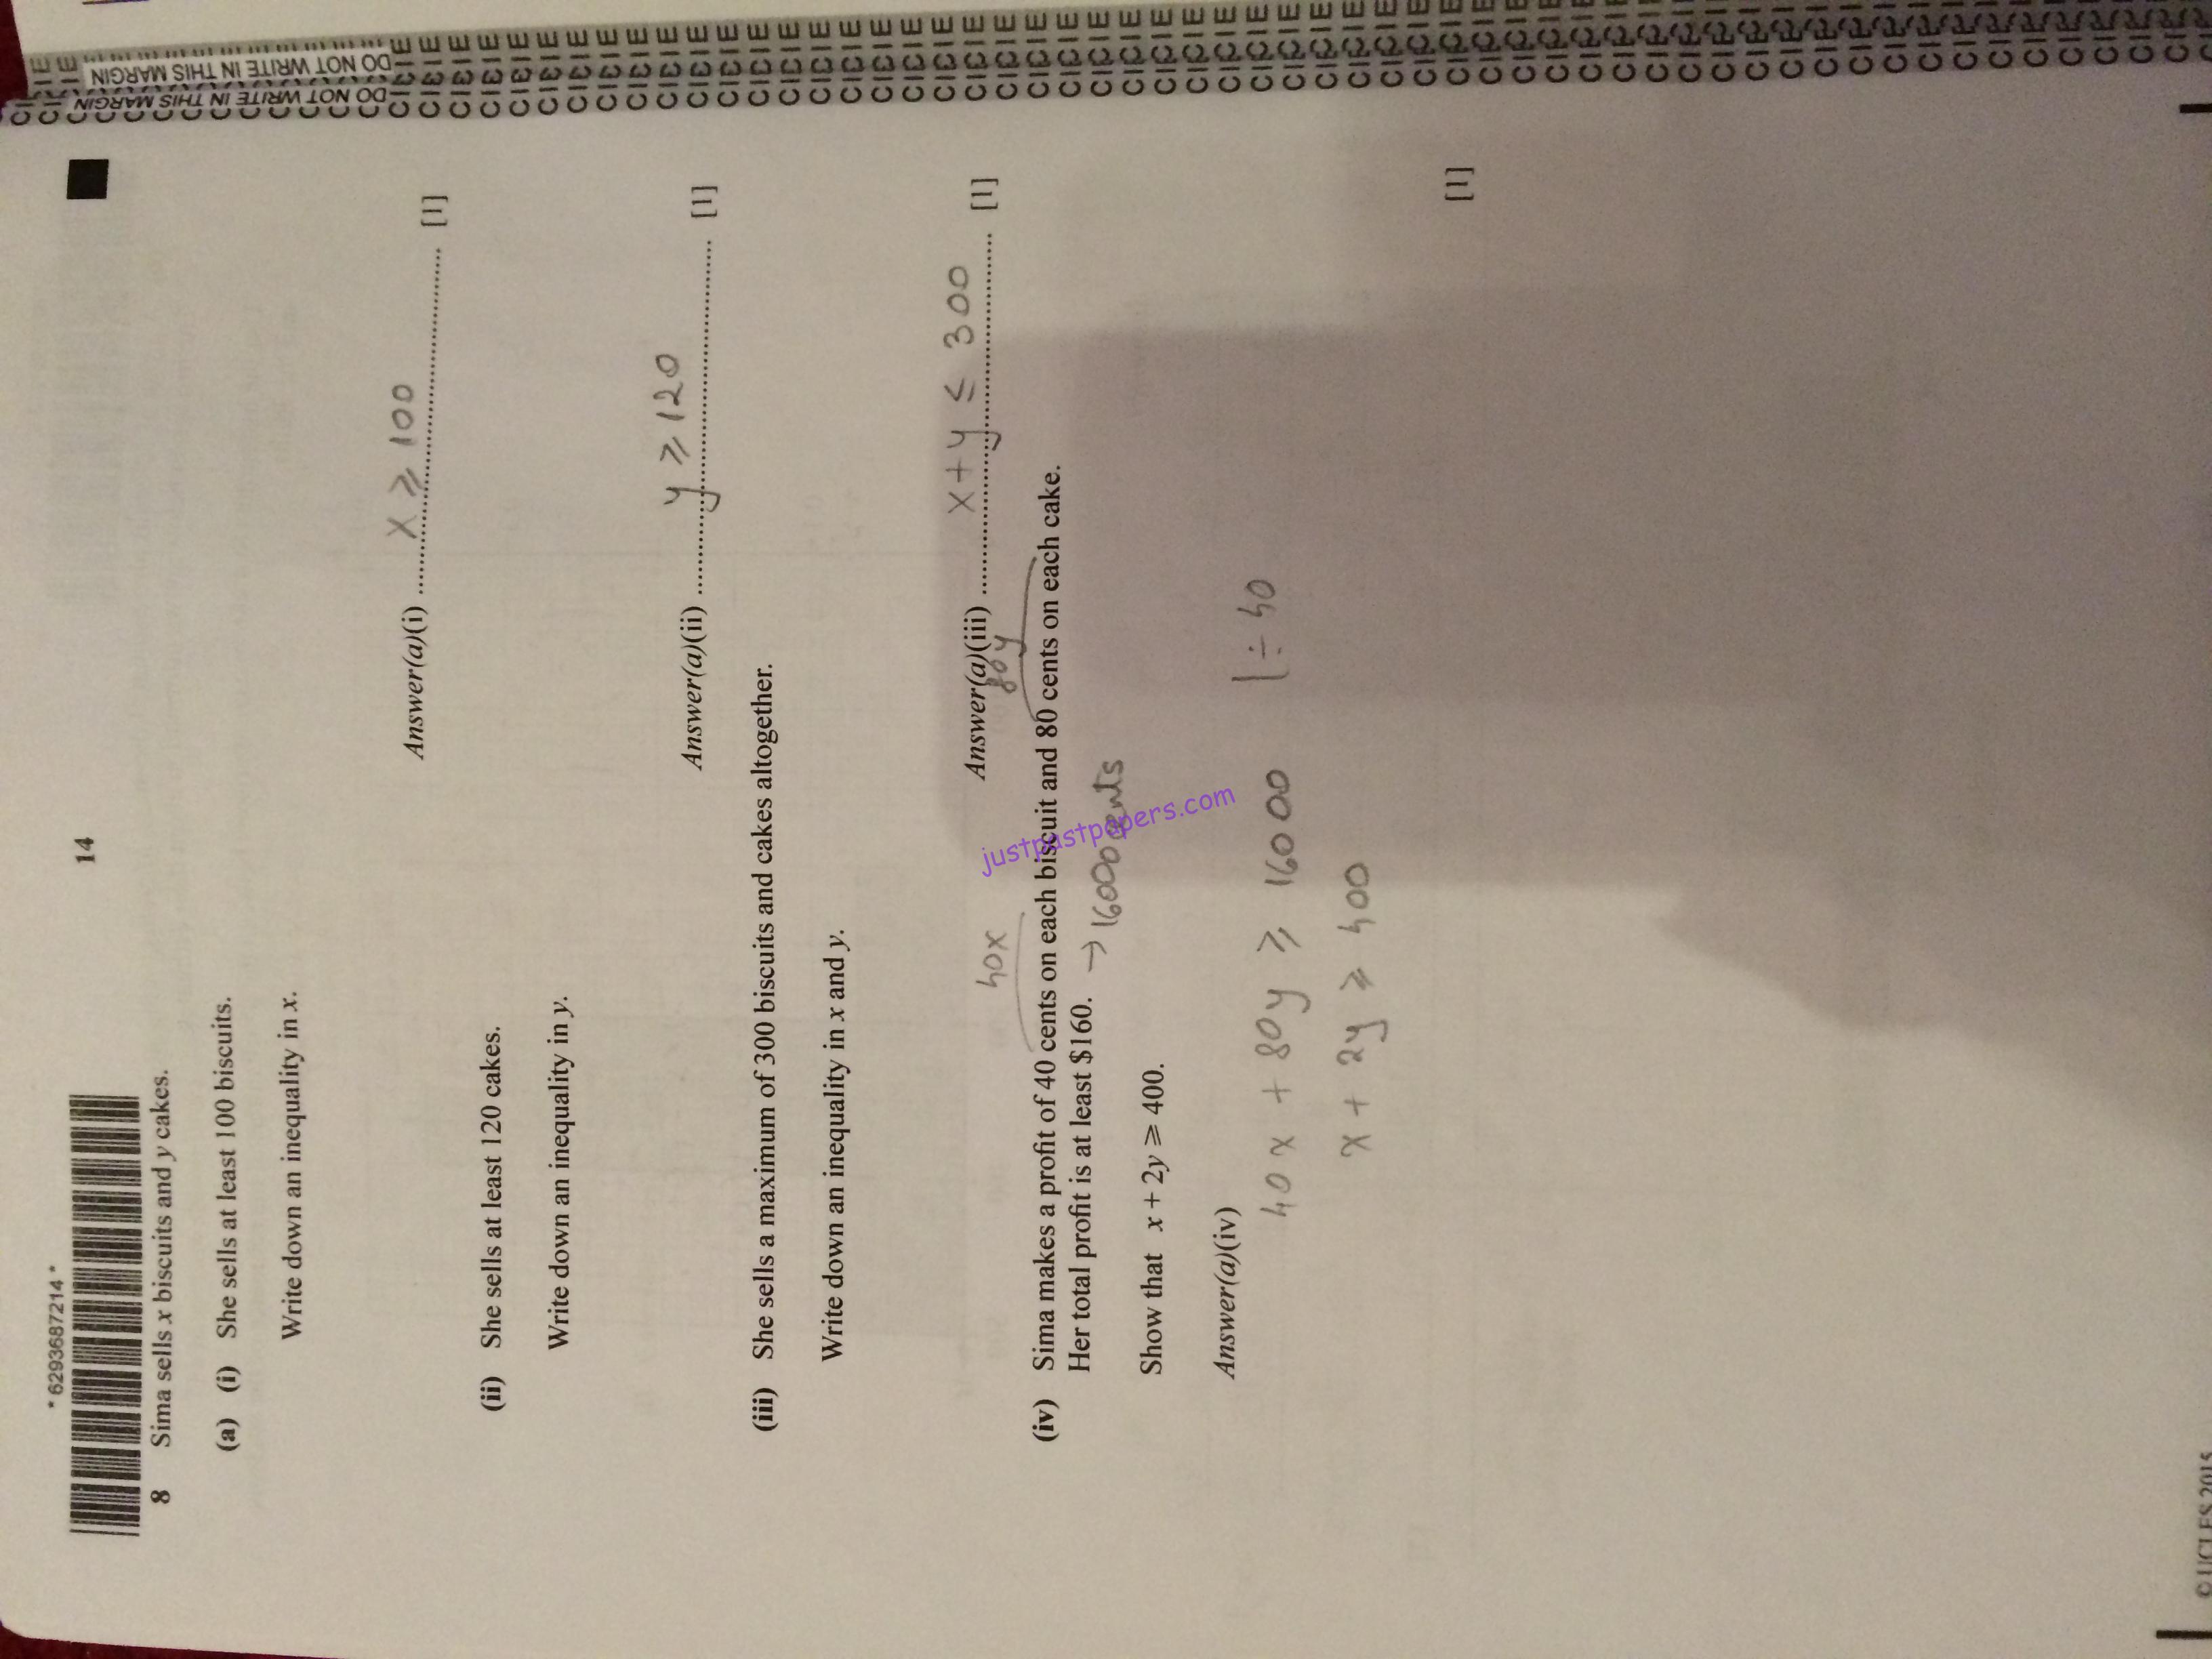 cie igcse economics past papers